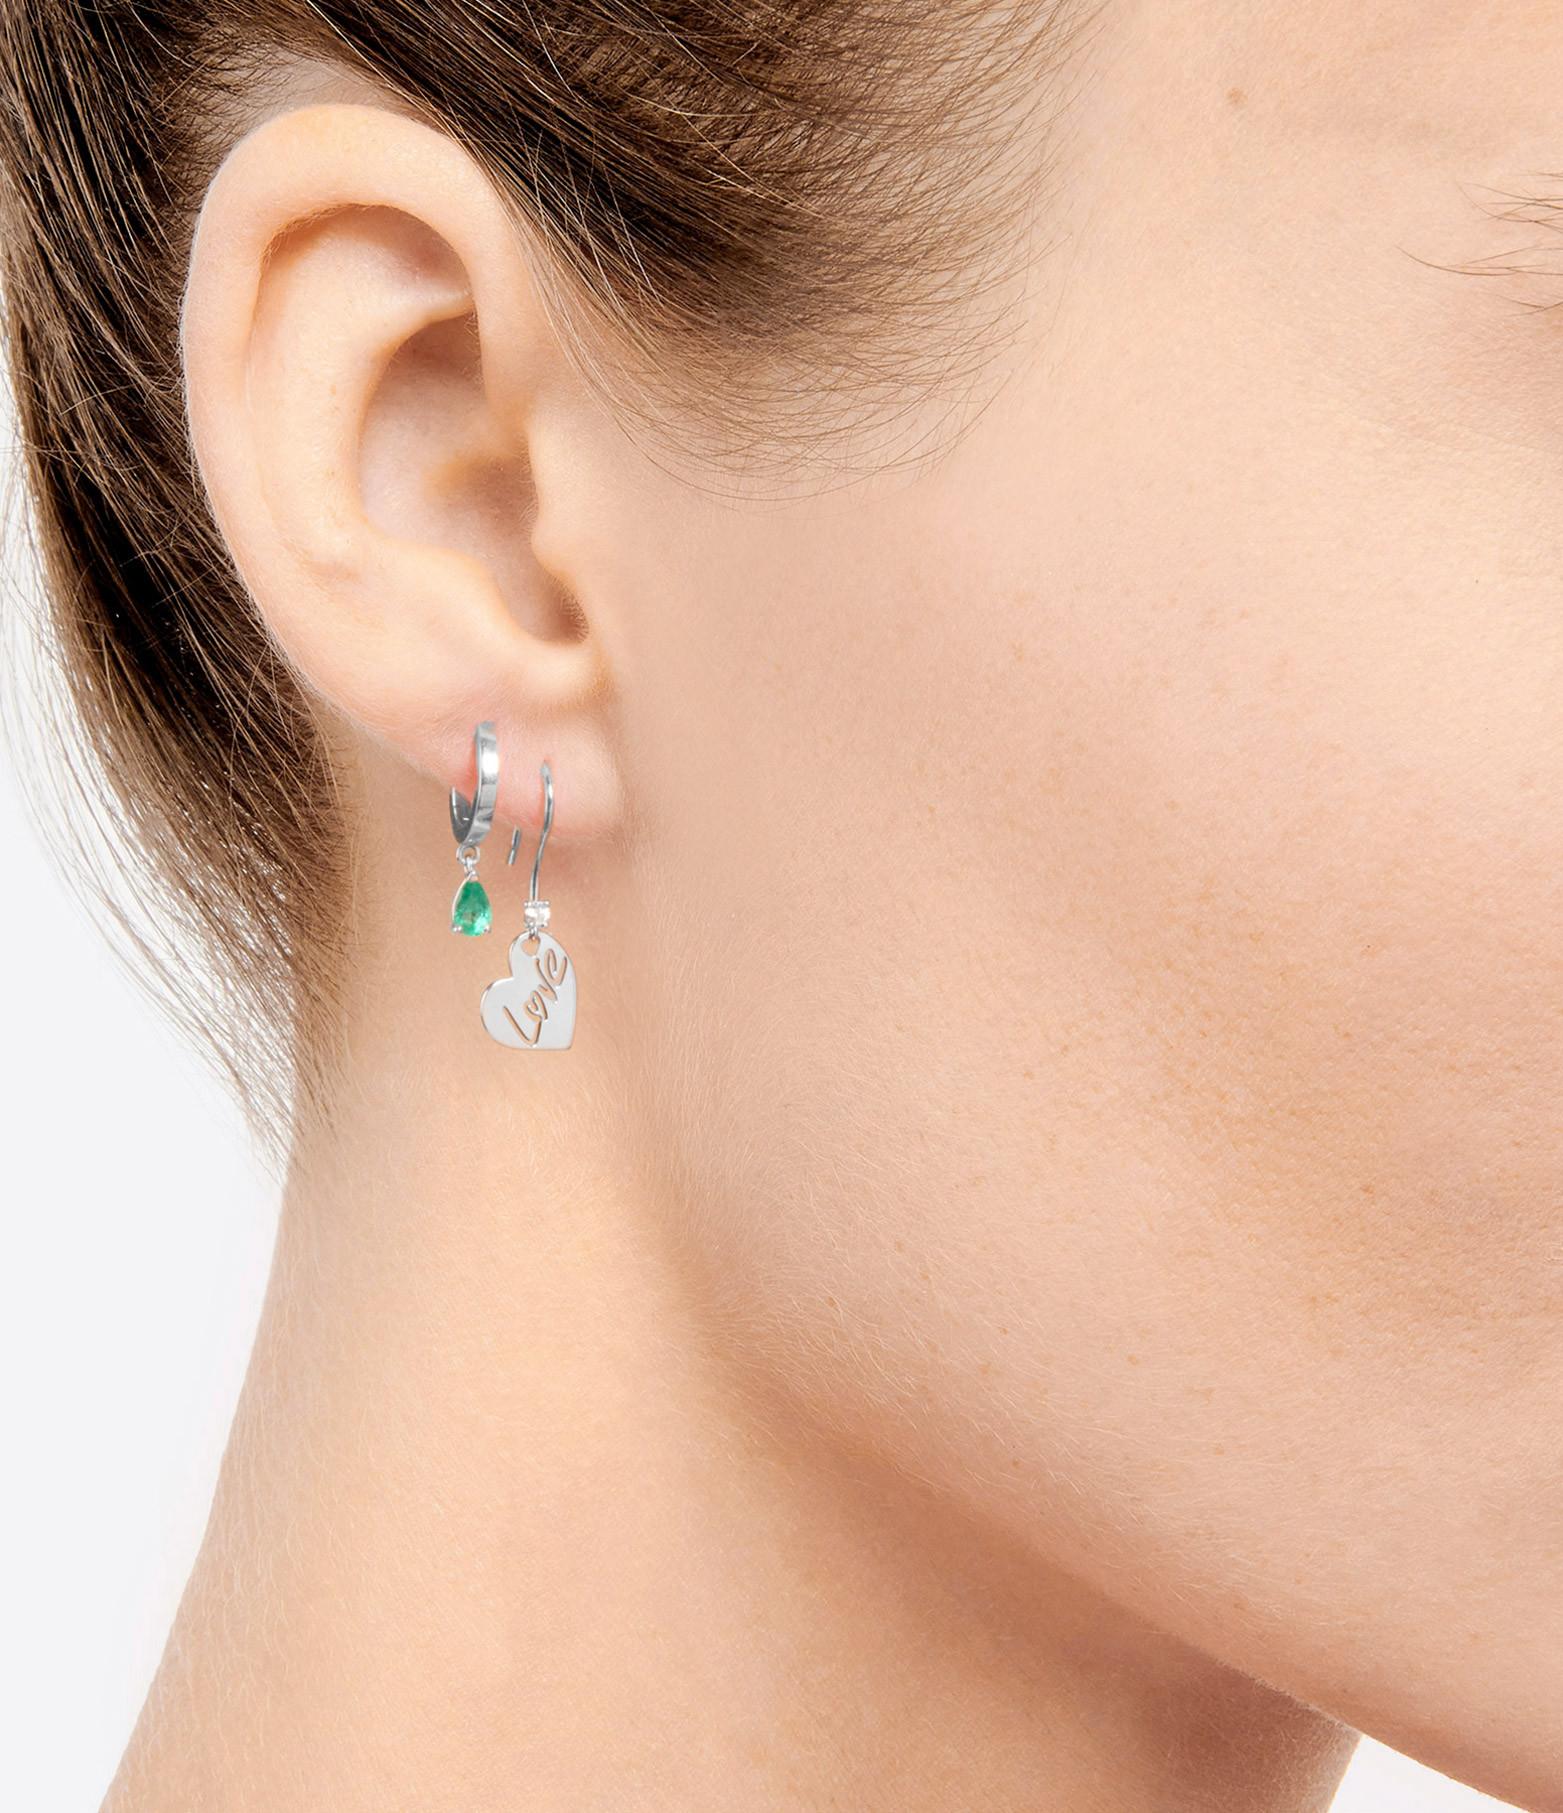 NAVA JOAILLERIE - Boucle d'oreille Emy Émeraude Or Blanc (vendue à l'unité)